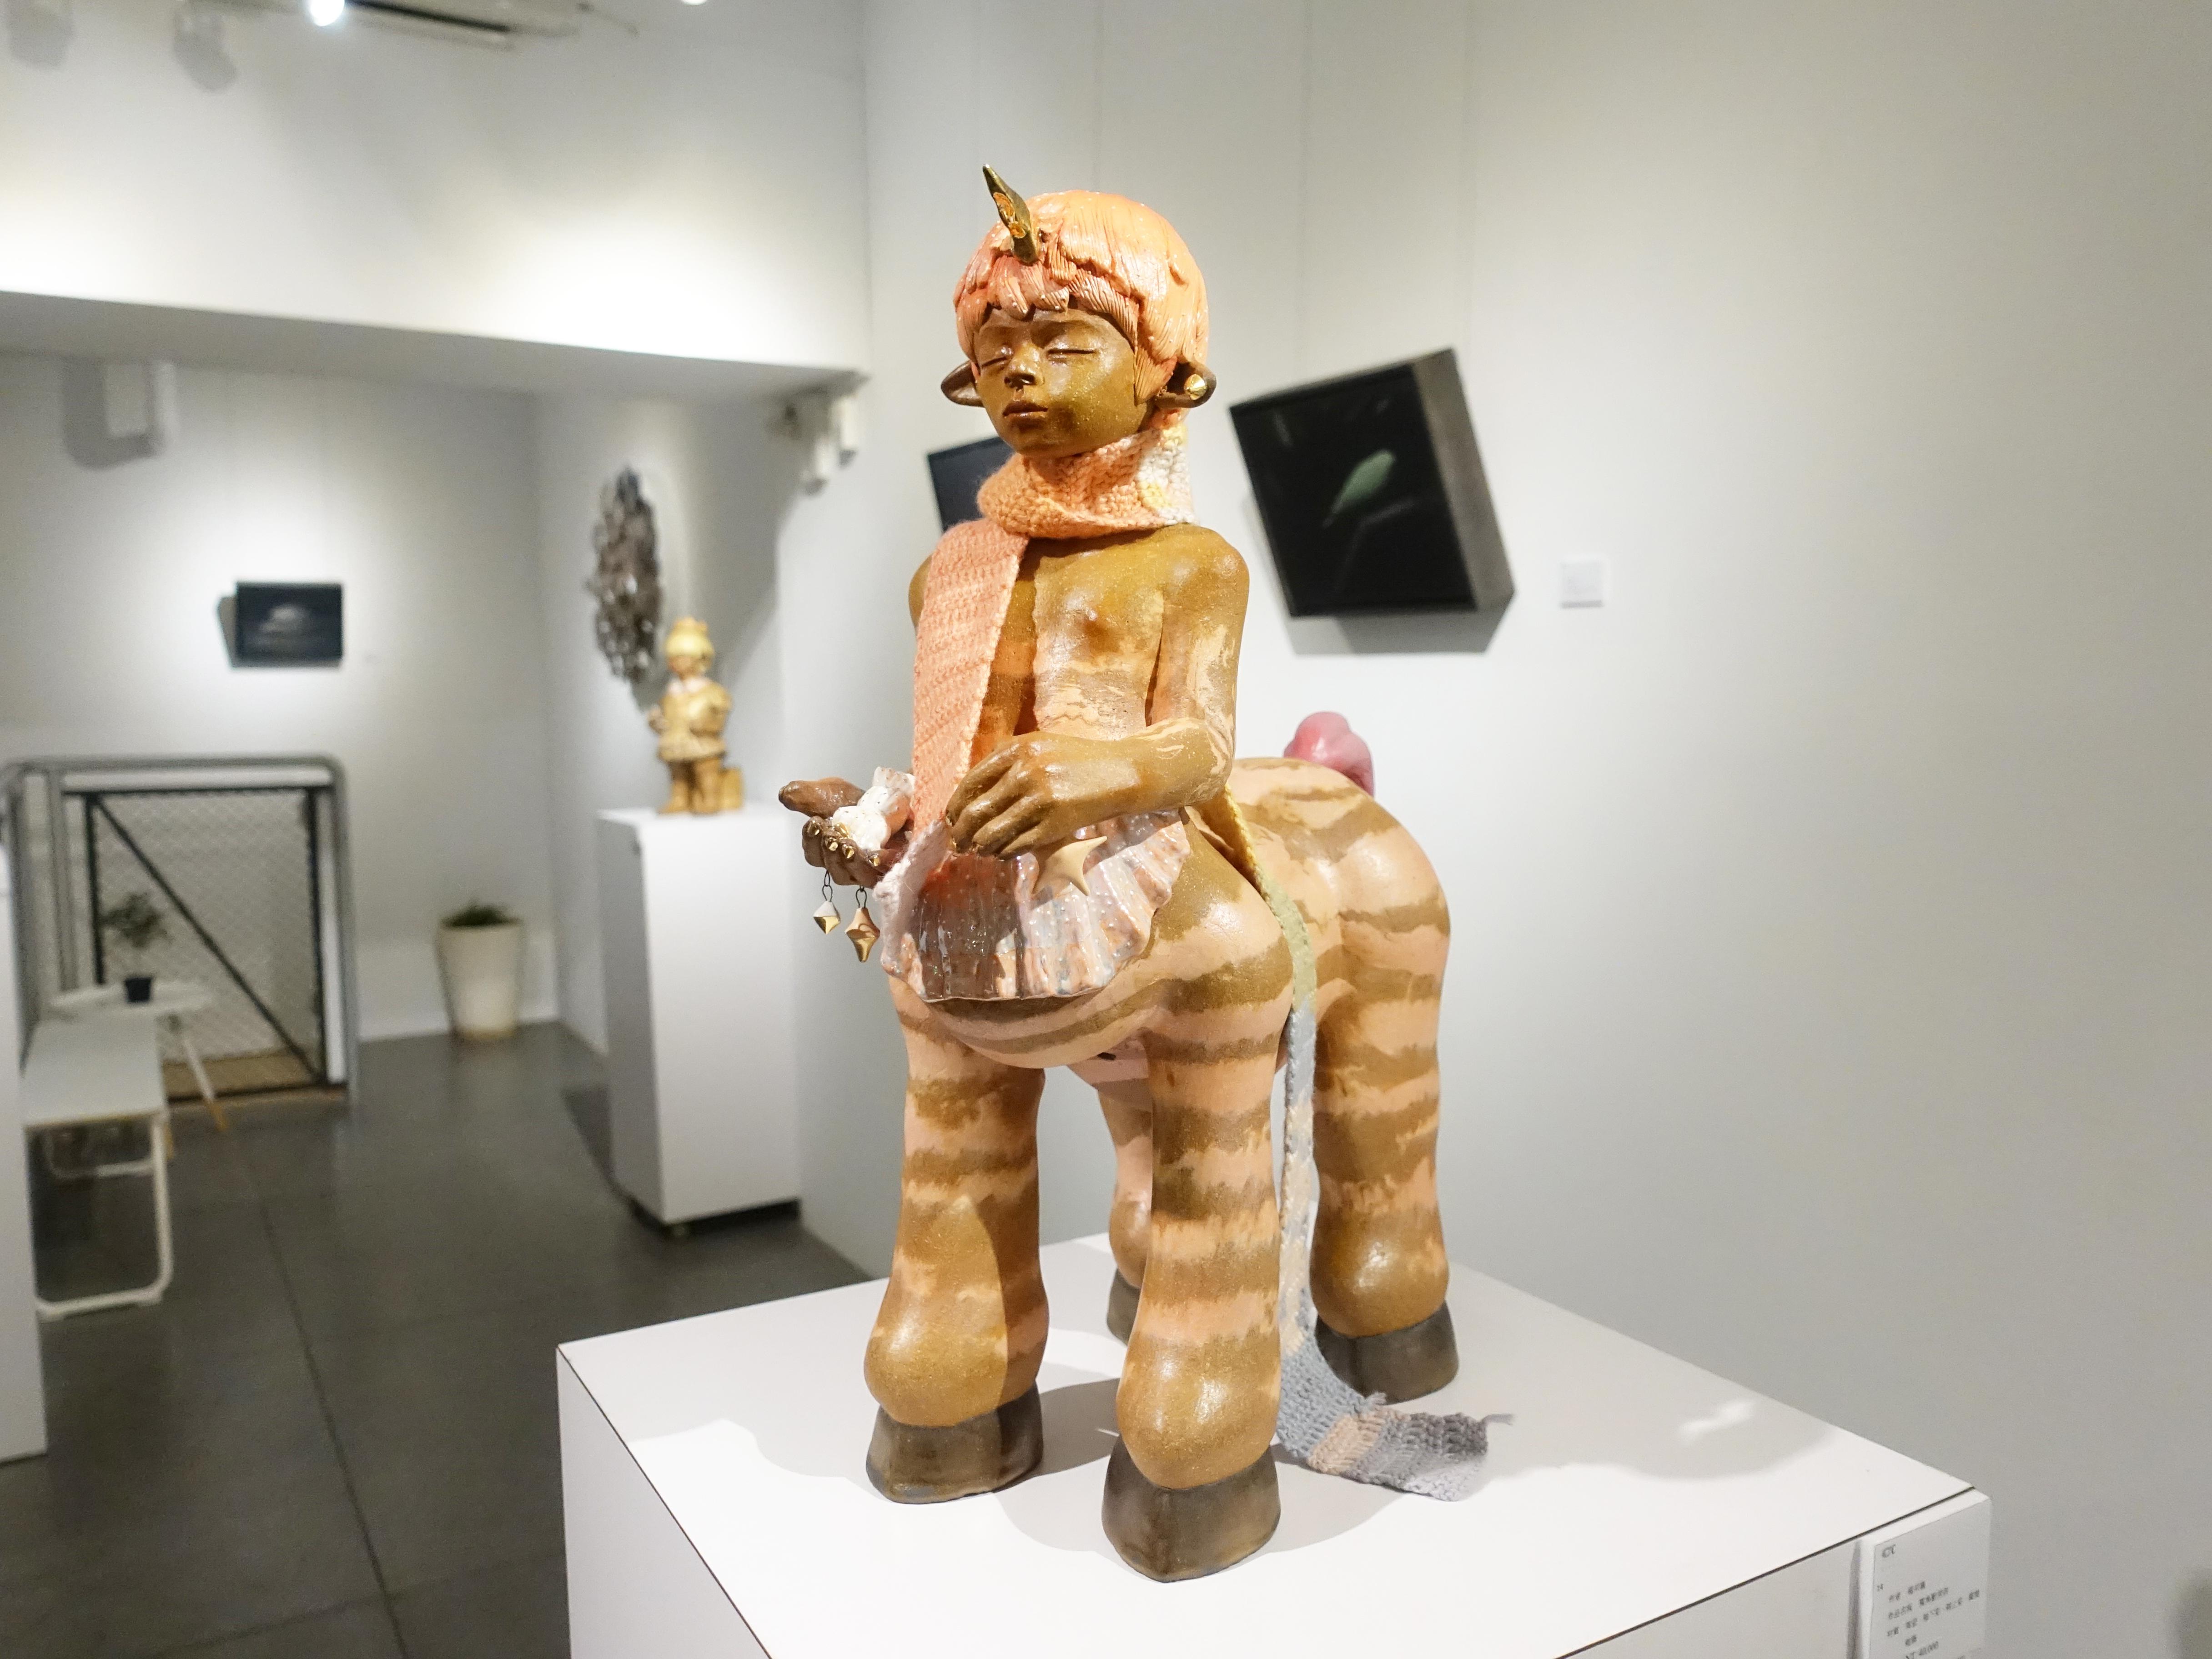 楊宗嘉,《獨角獸男孩》,38 x 16 x 18cm,陶瓷、釉下彩、釉上彩、纖維、釉藥,2018。